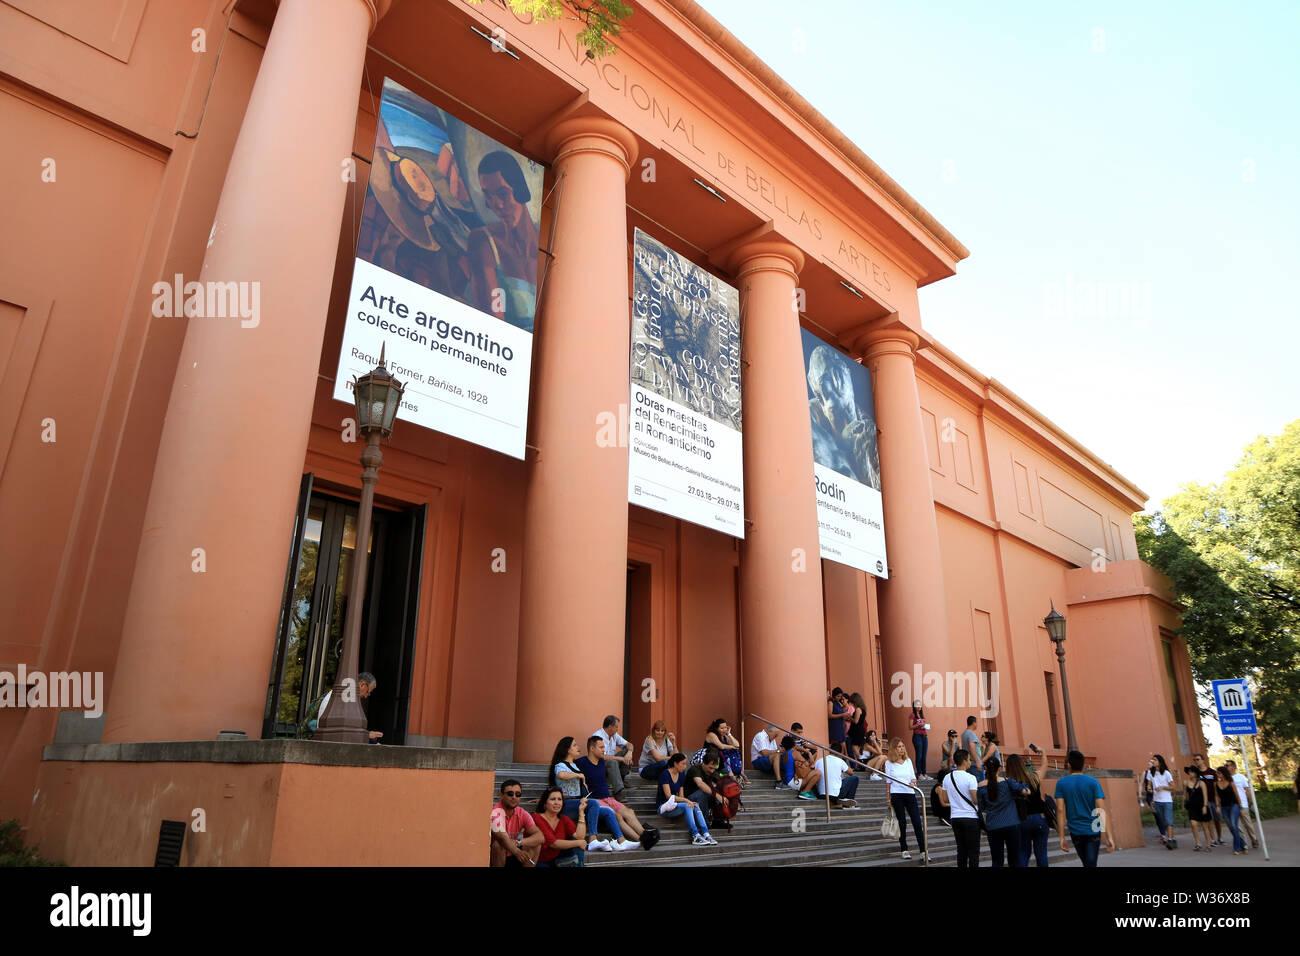 Buenos Aires, Argentina, la impresionante fachada del Museo Nacional de Bellas Artes o el Museo Nacional de Bellas Artes con muchos visitantes Foto de stock